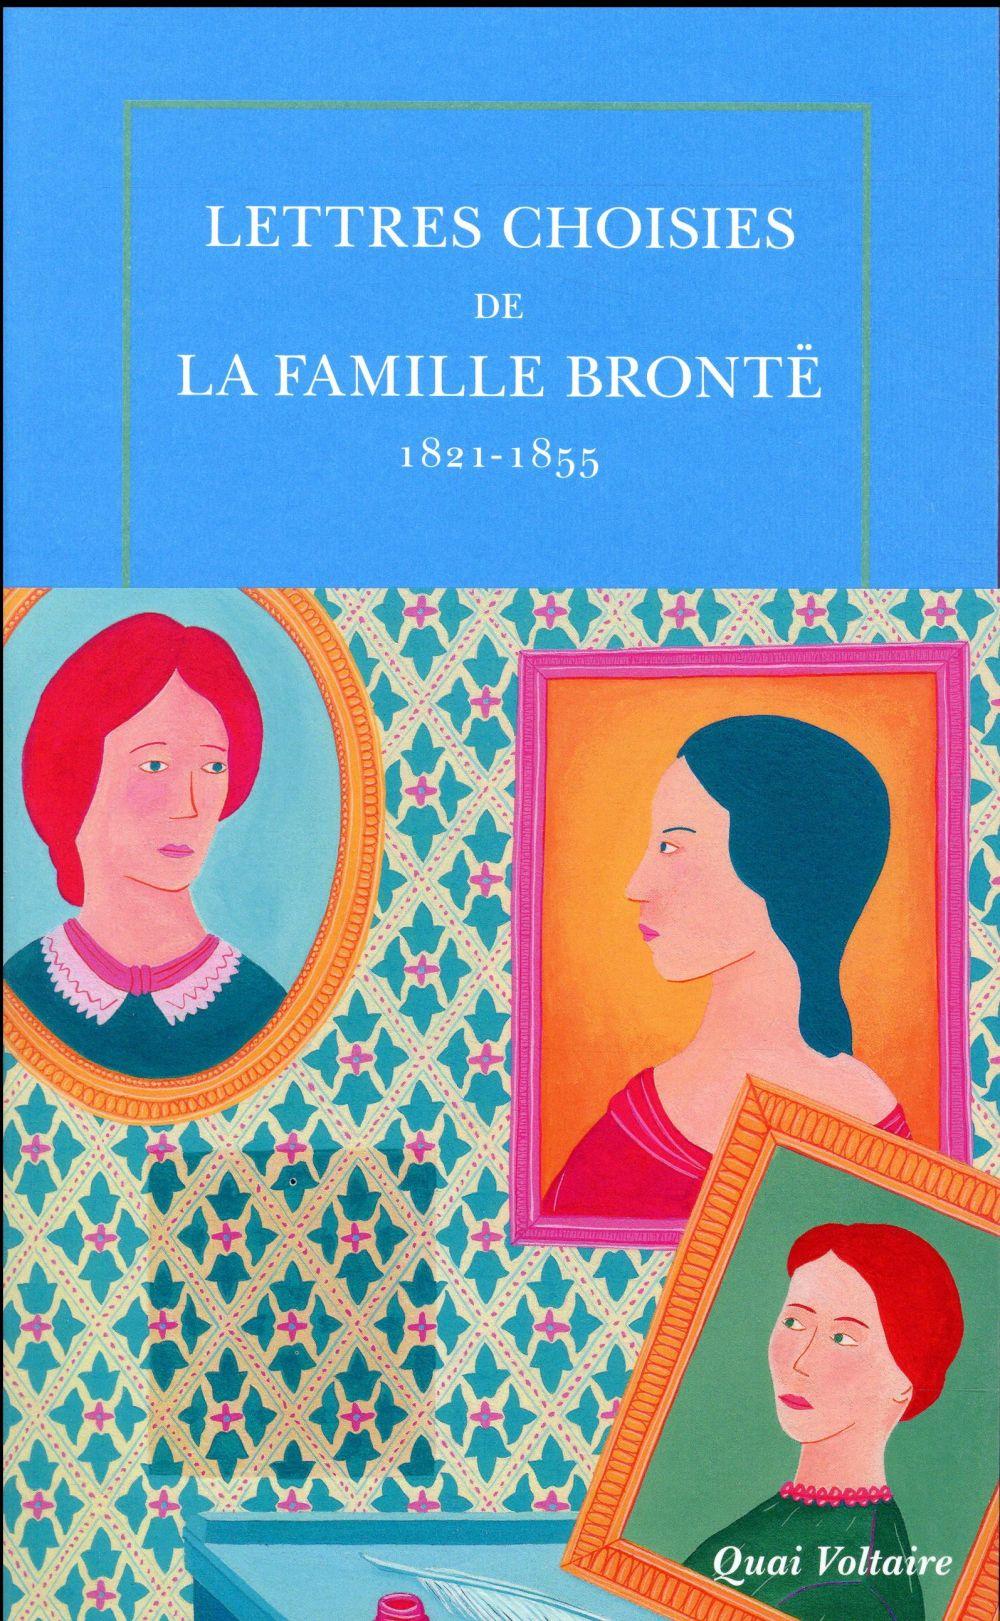 LETTRES CHOISIES DE LA FAMILLE BRONTE - (1821-1855)